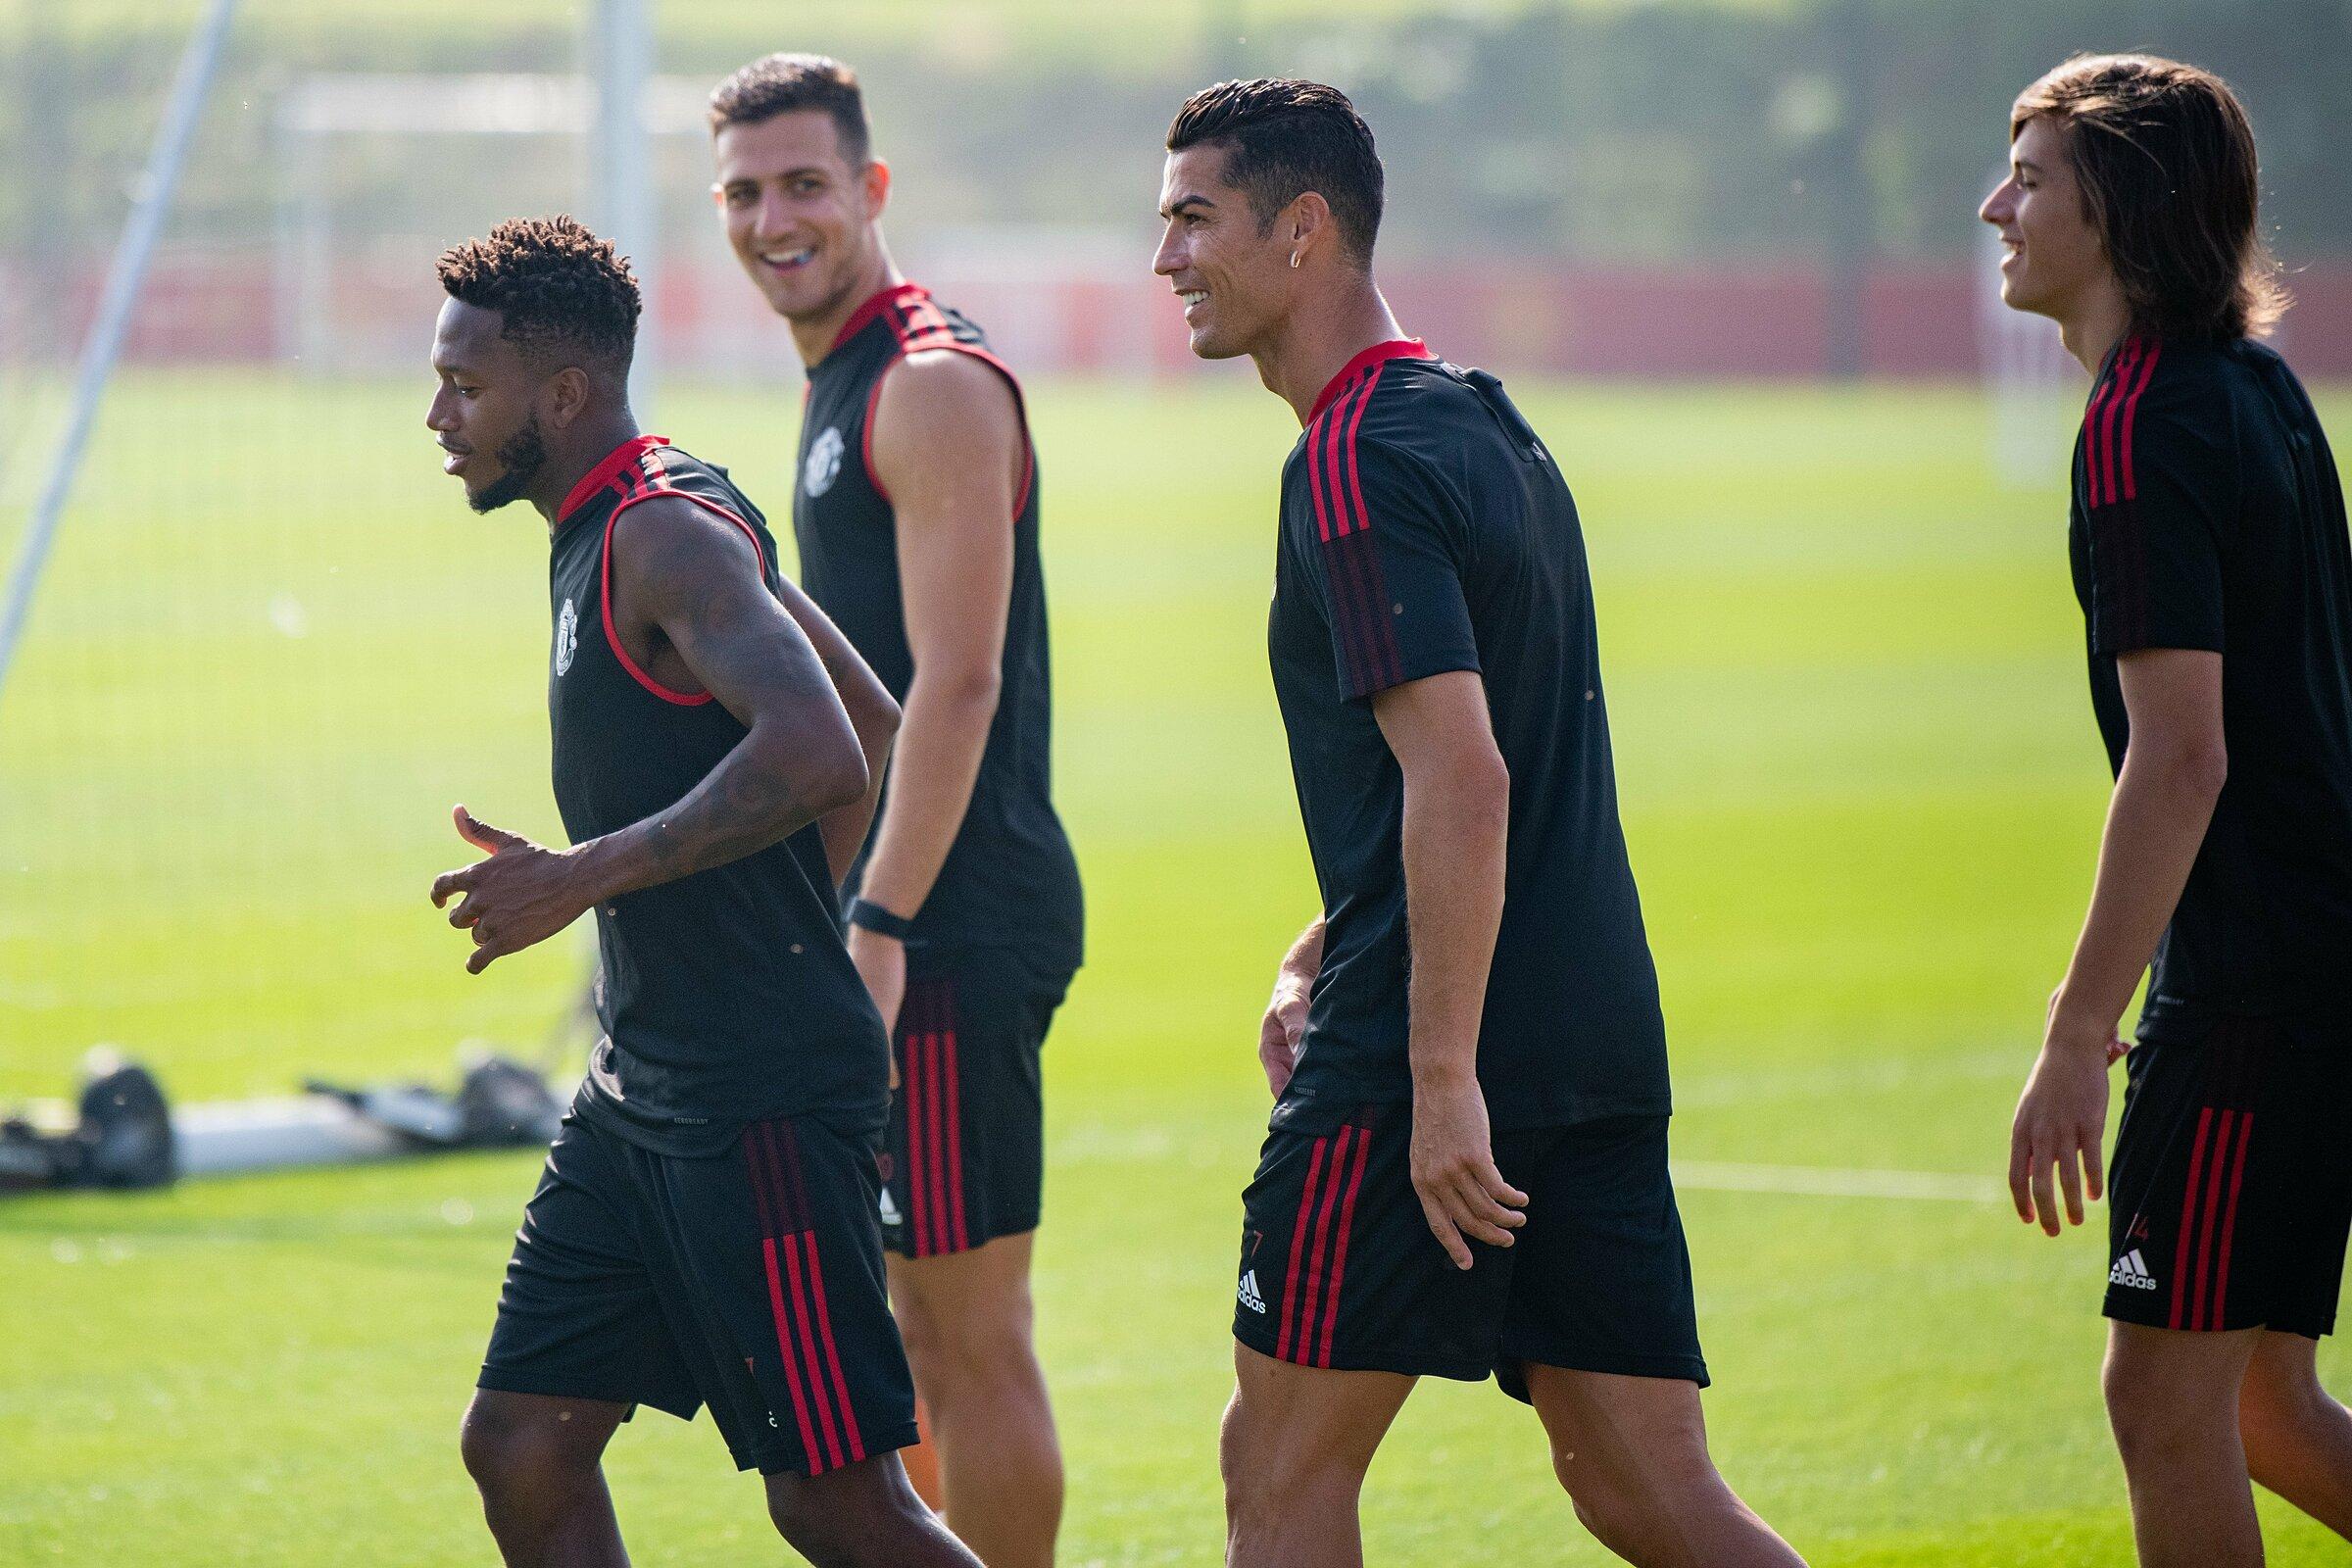 Sự hứng khởi thể hiện rõ trên gương mặt các thành viên Man Utd từ khi Ronaldo đến và ra sân tập cùng cả đội. Ảnh: mantutd.com